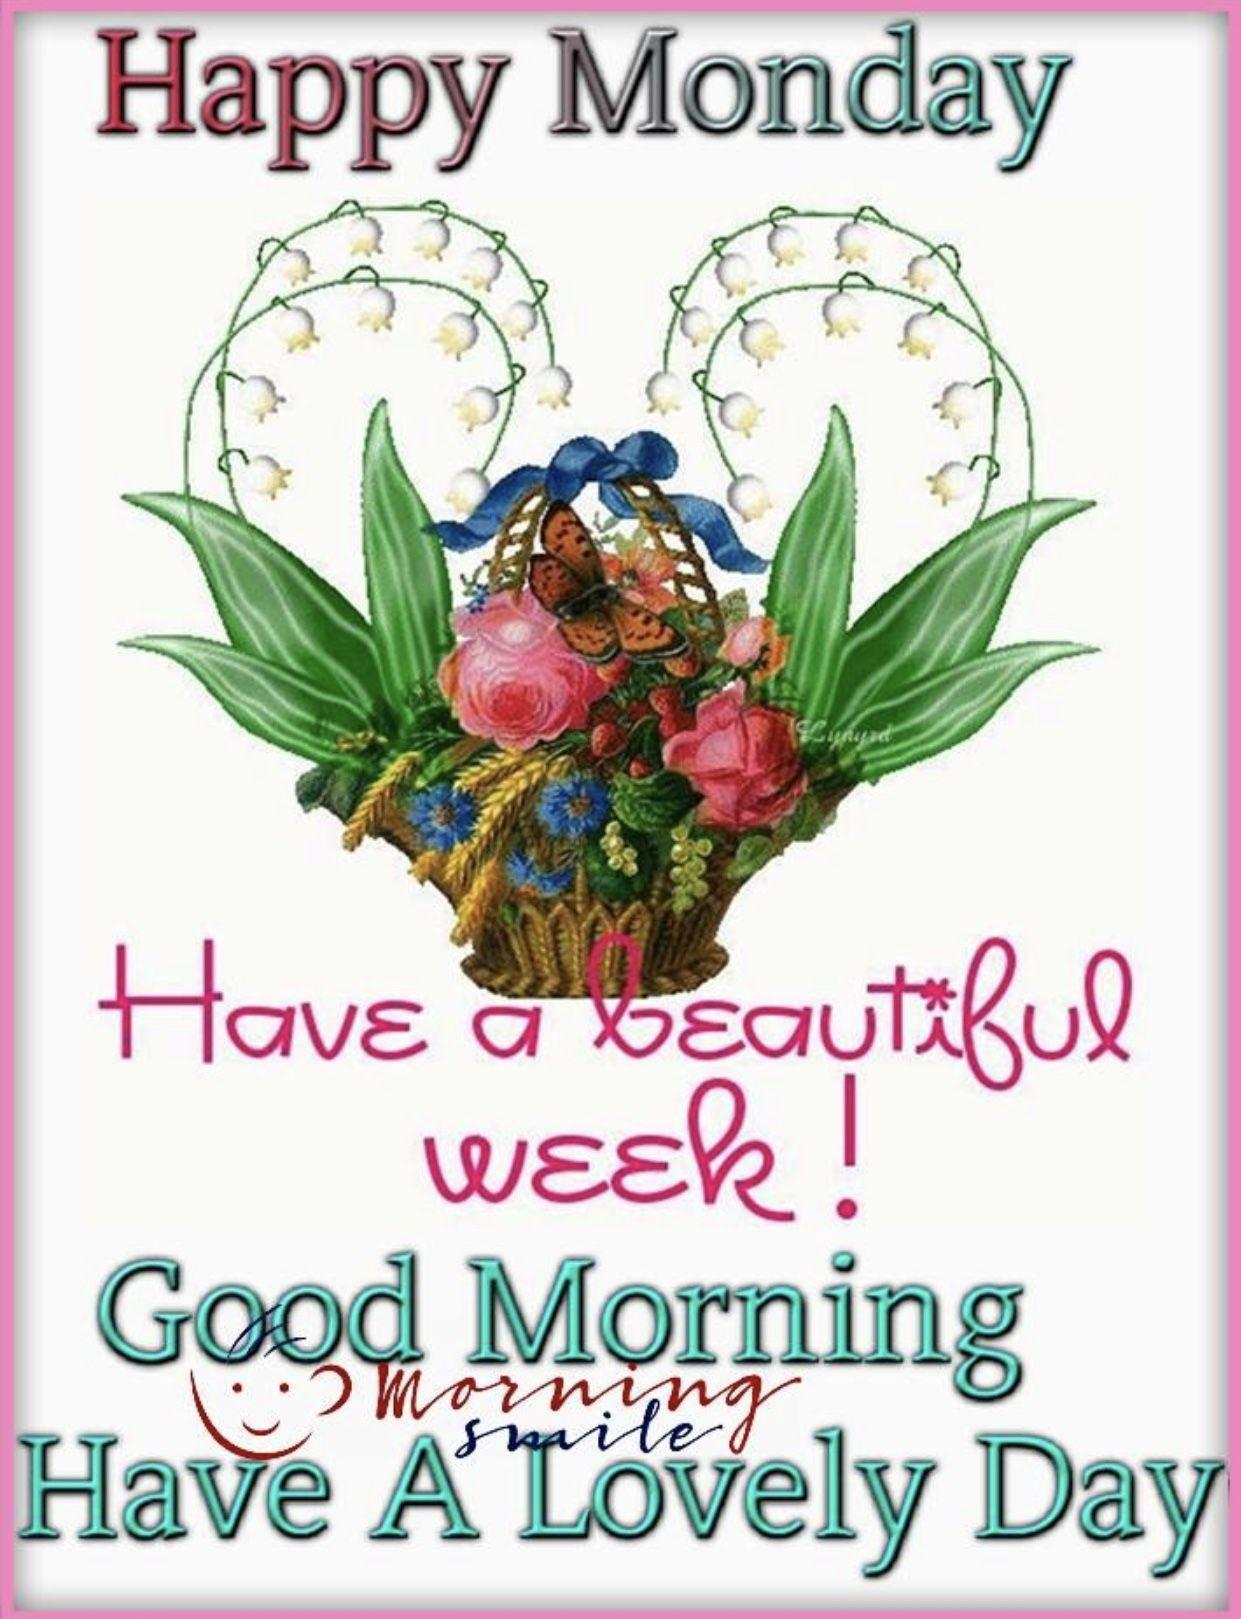 Pin By Rose Vega On Days Of Week Good Morning Happy Monday Monday Morning Quotes Happy Monday Quotes